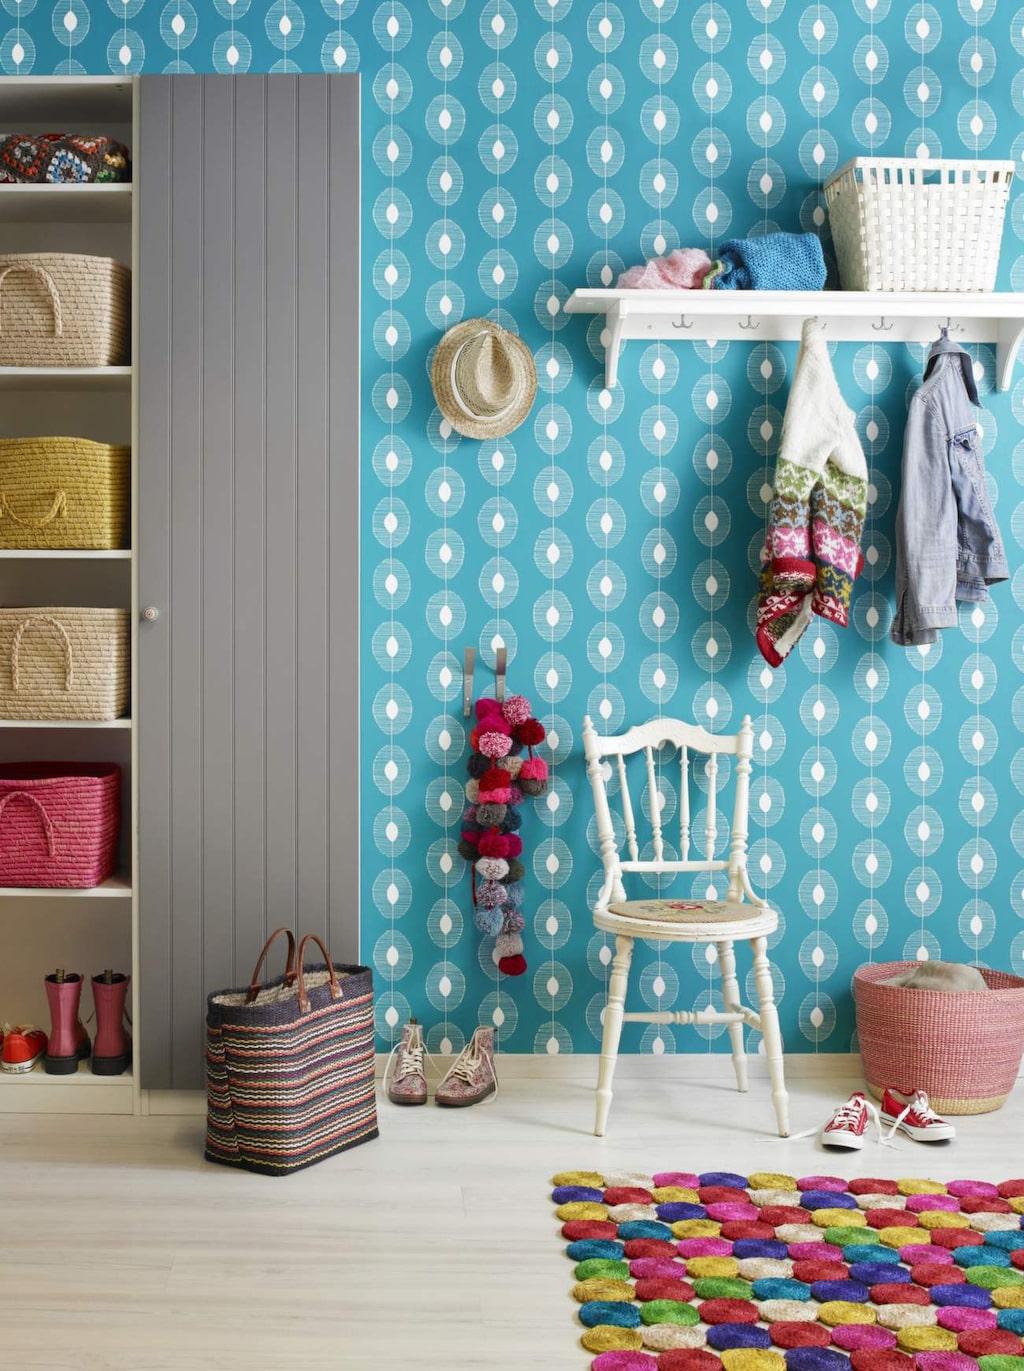 <p>Blå hall. Mysig och välkomnande hall i en lantlig och färgglad stil. Två garderober, den ena med dörr och den andra utan ger all förvaring man behöver. Fina korgar, en loppisstol och den roliga mattan sätter en personlig prägel. Väggen är tapetserad med tapeten Miss Print 2 – MISP1088, Midbec. Pax garderob med dörr, Ikea. Korgar från Rice i skåpet. Matta och rund korg, Afroart. Övrigt privat.</p>